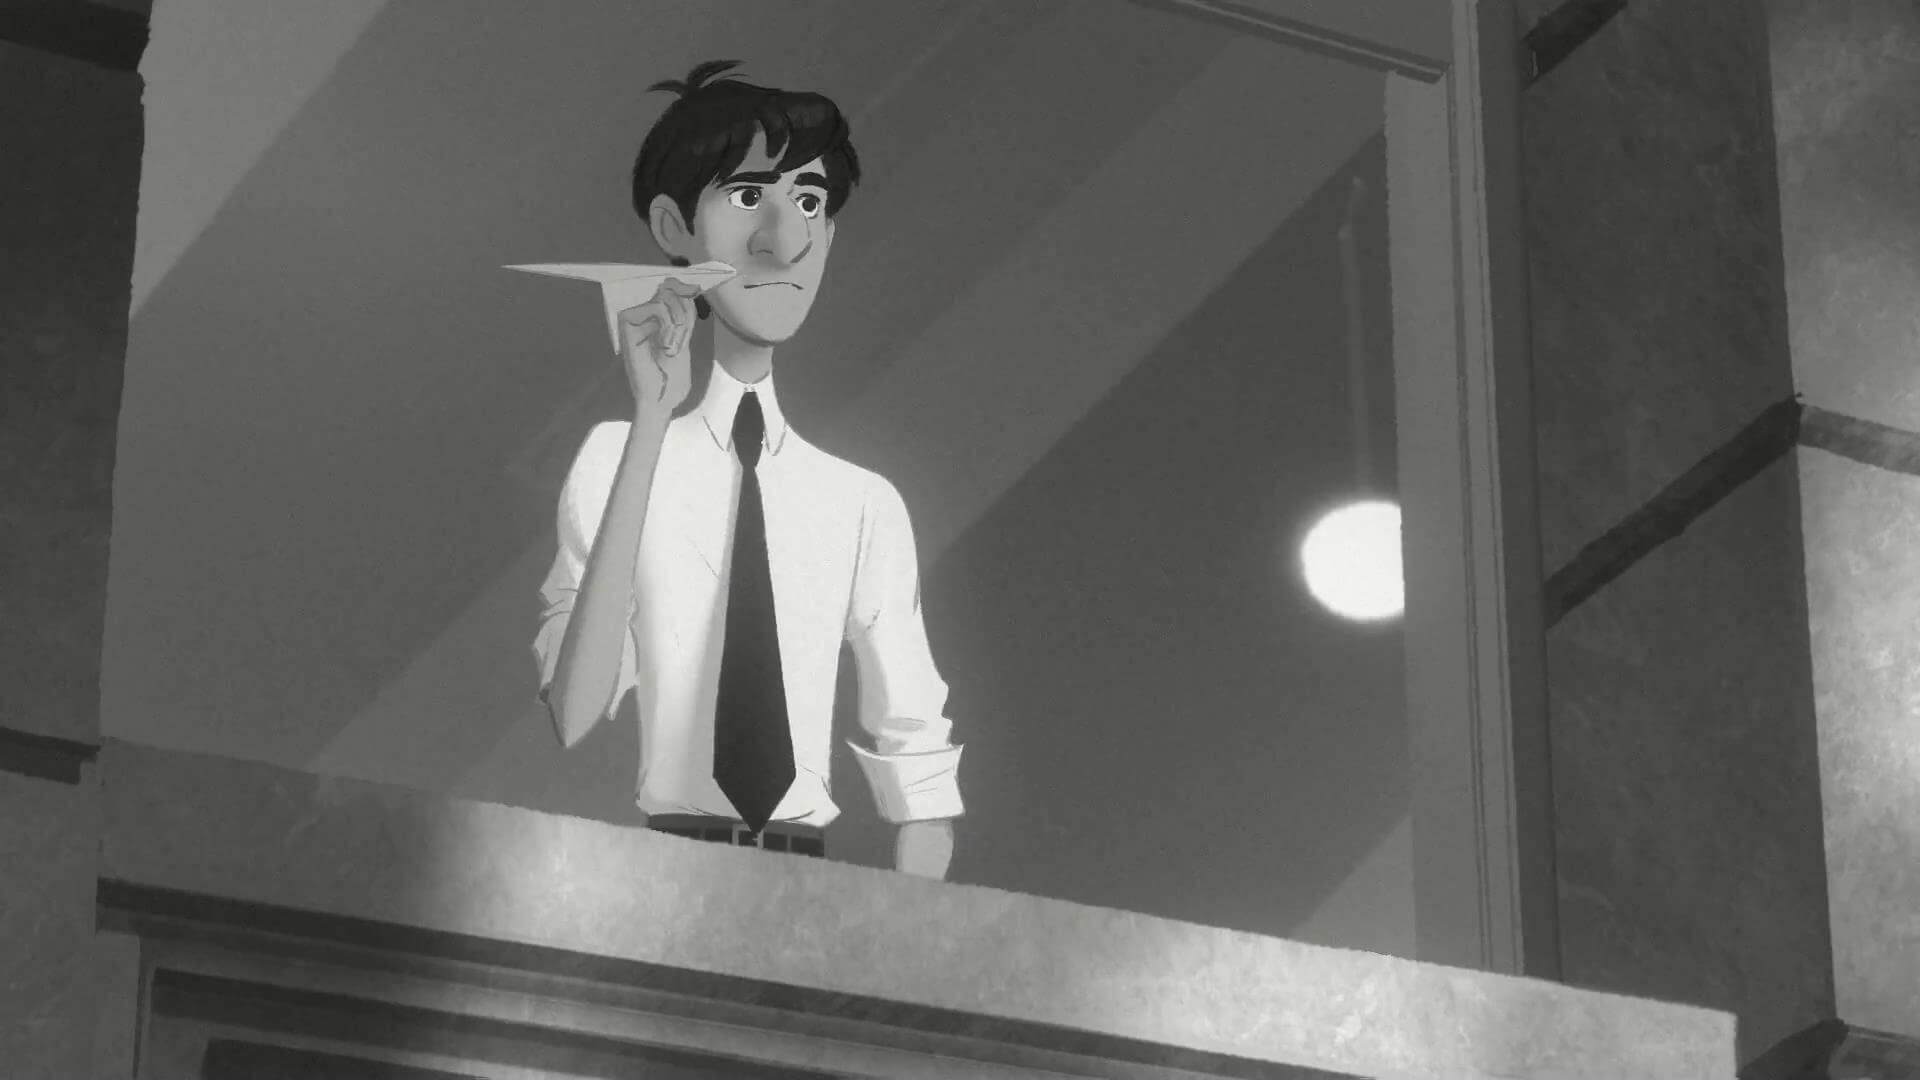 Paperman, imagen del protagonista